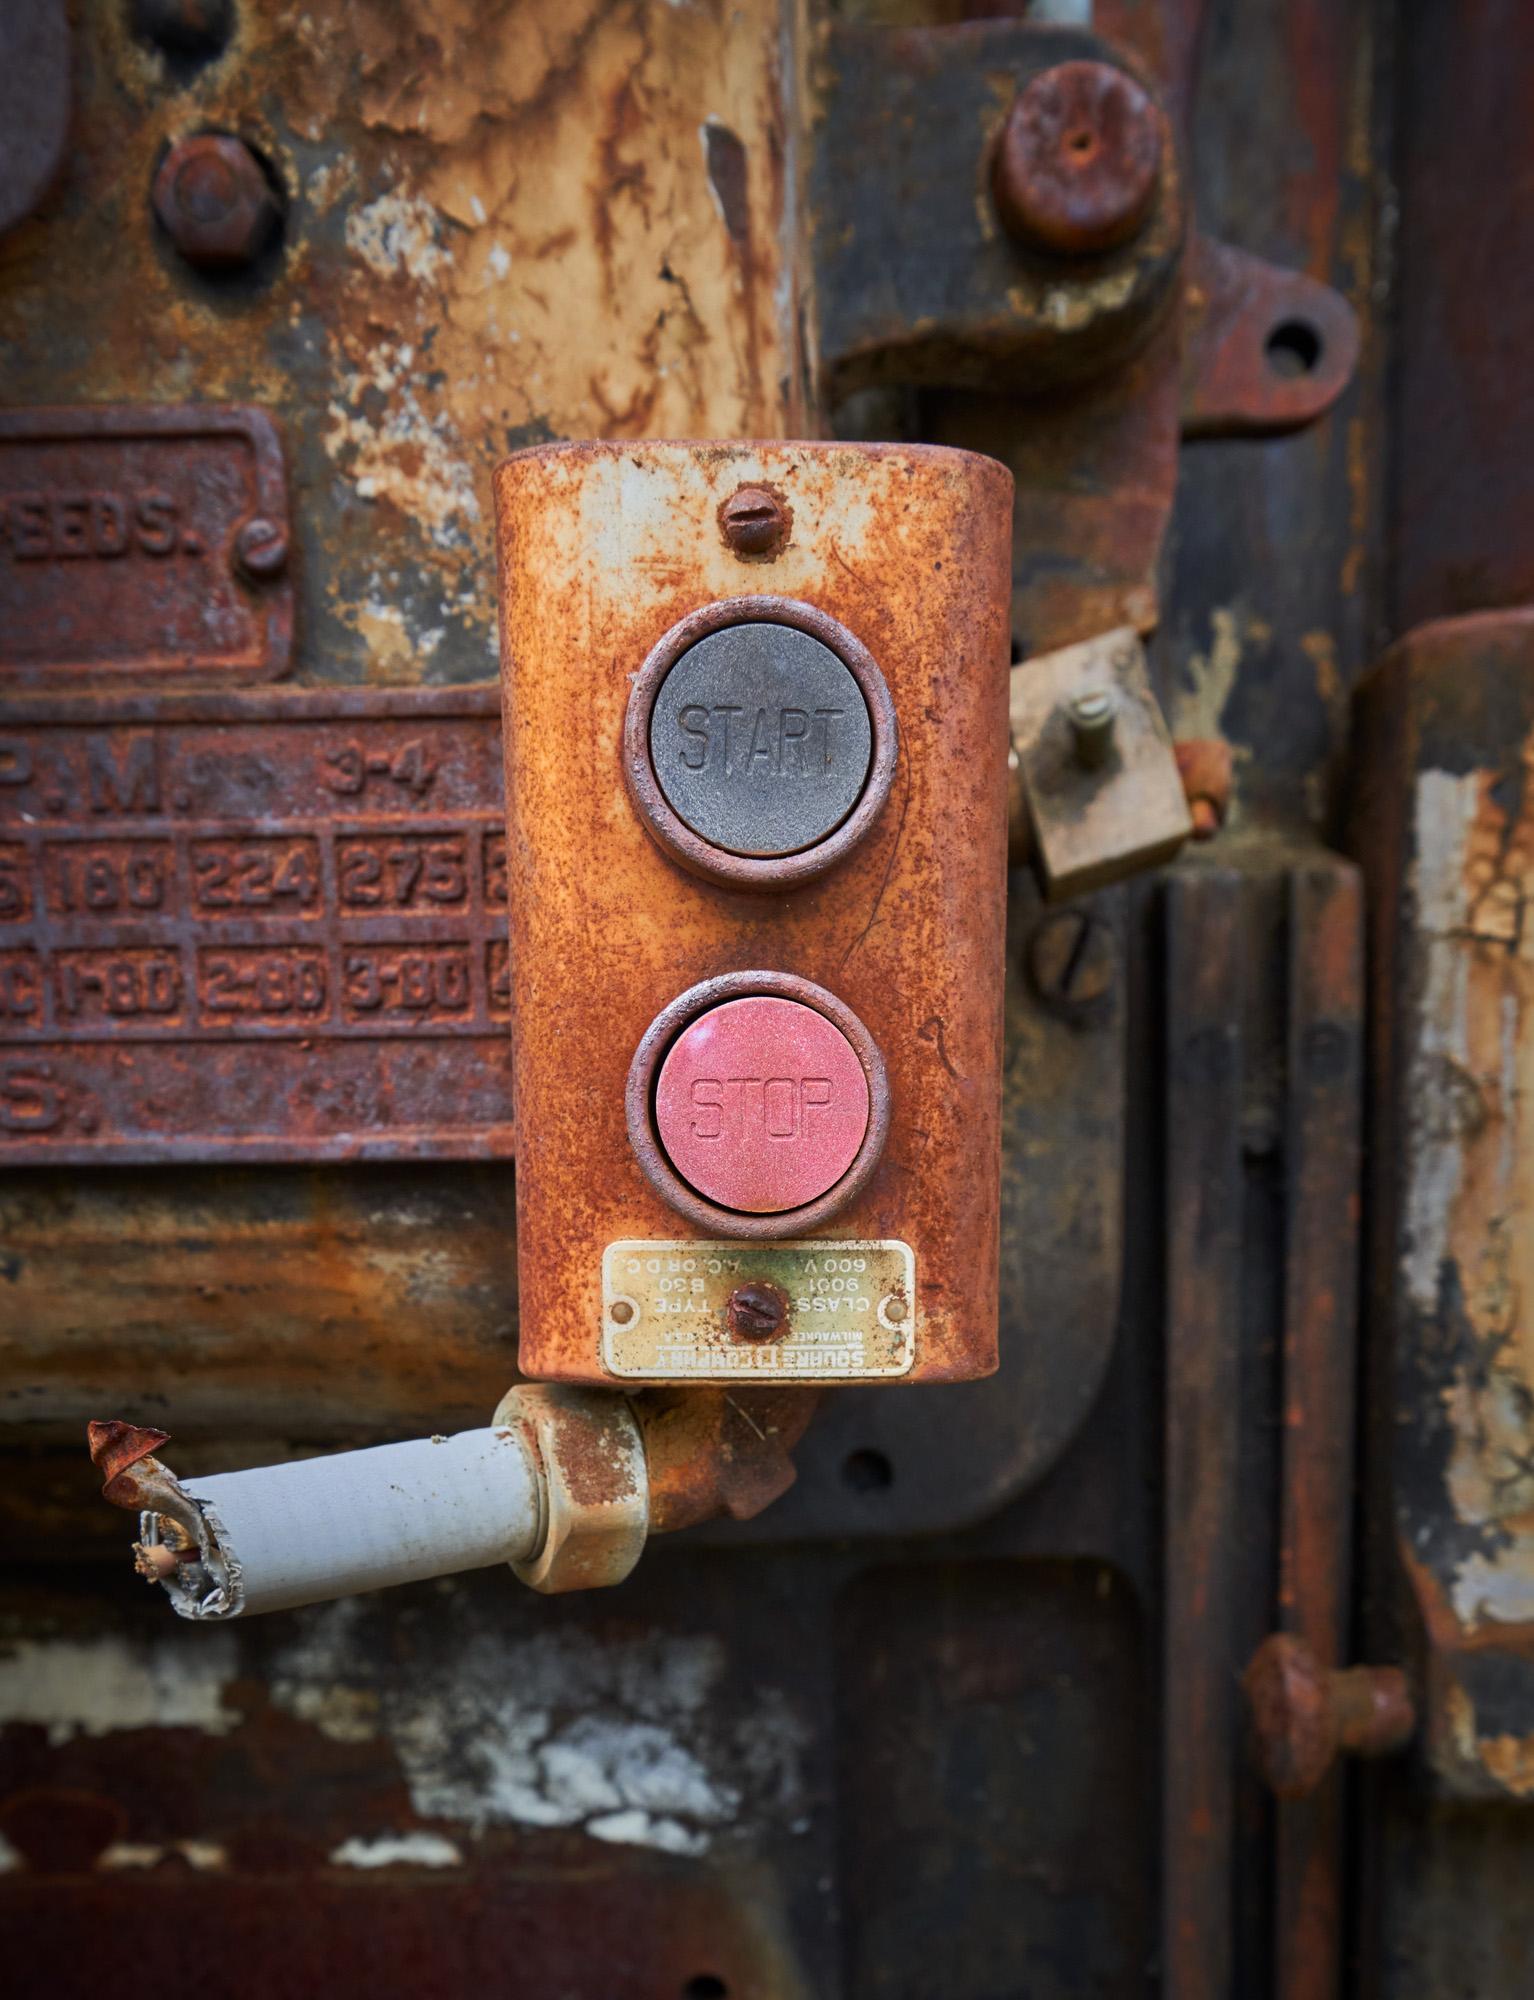 Start - Stop. Gotta love that red button